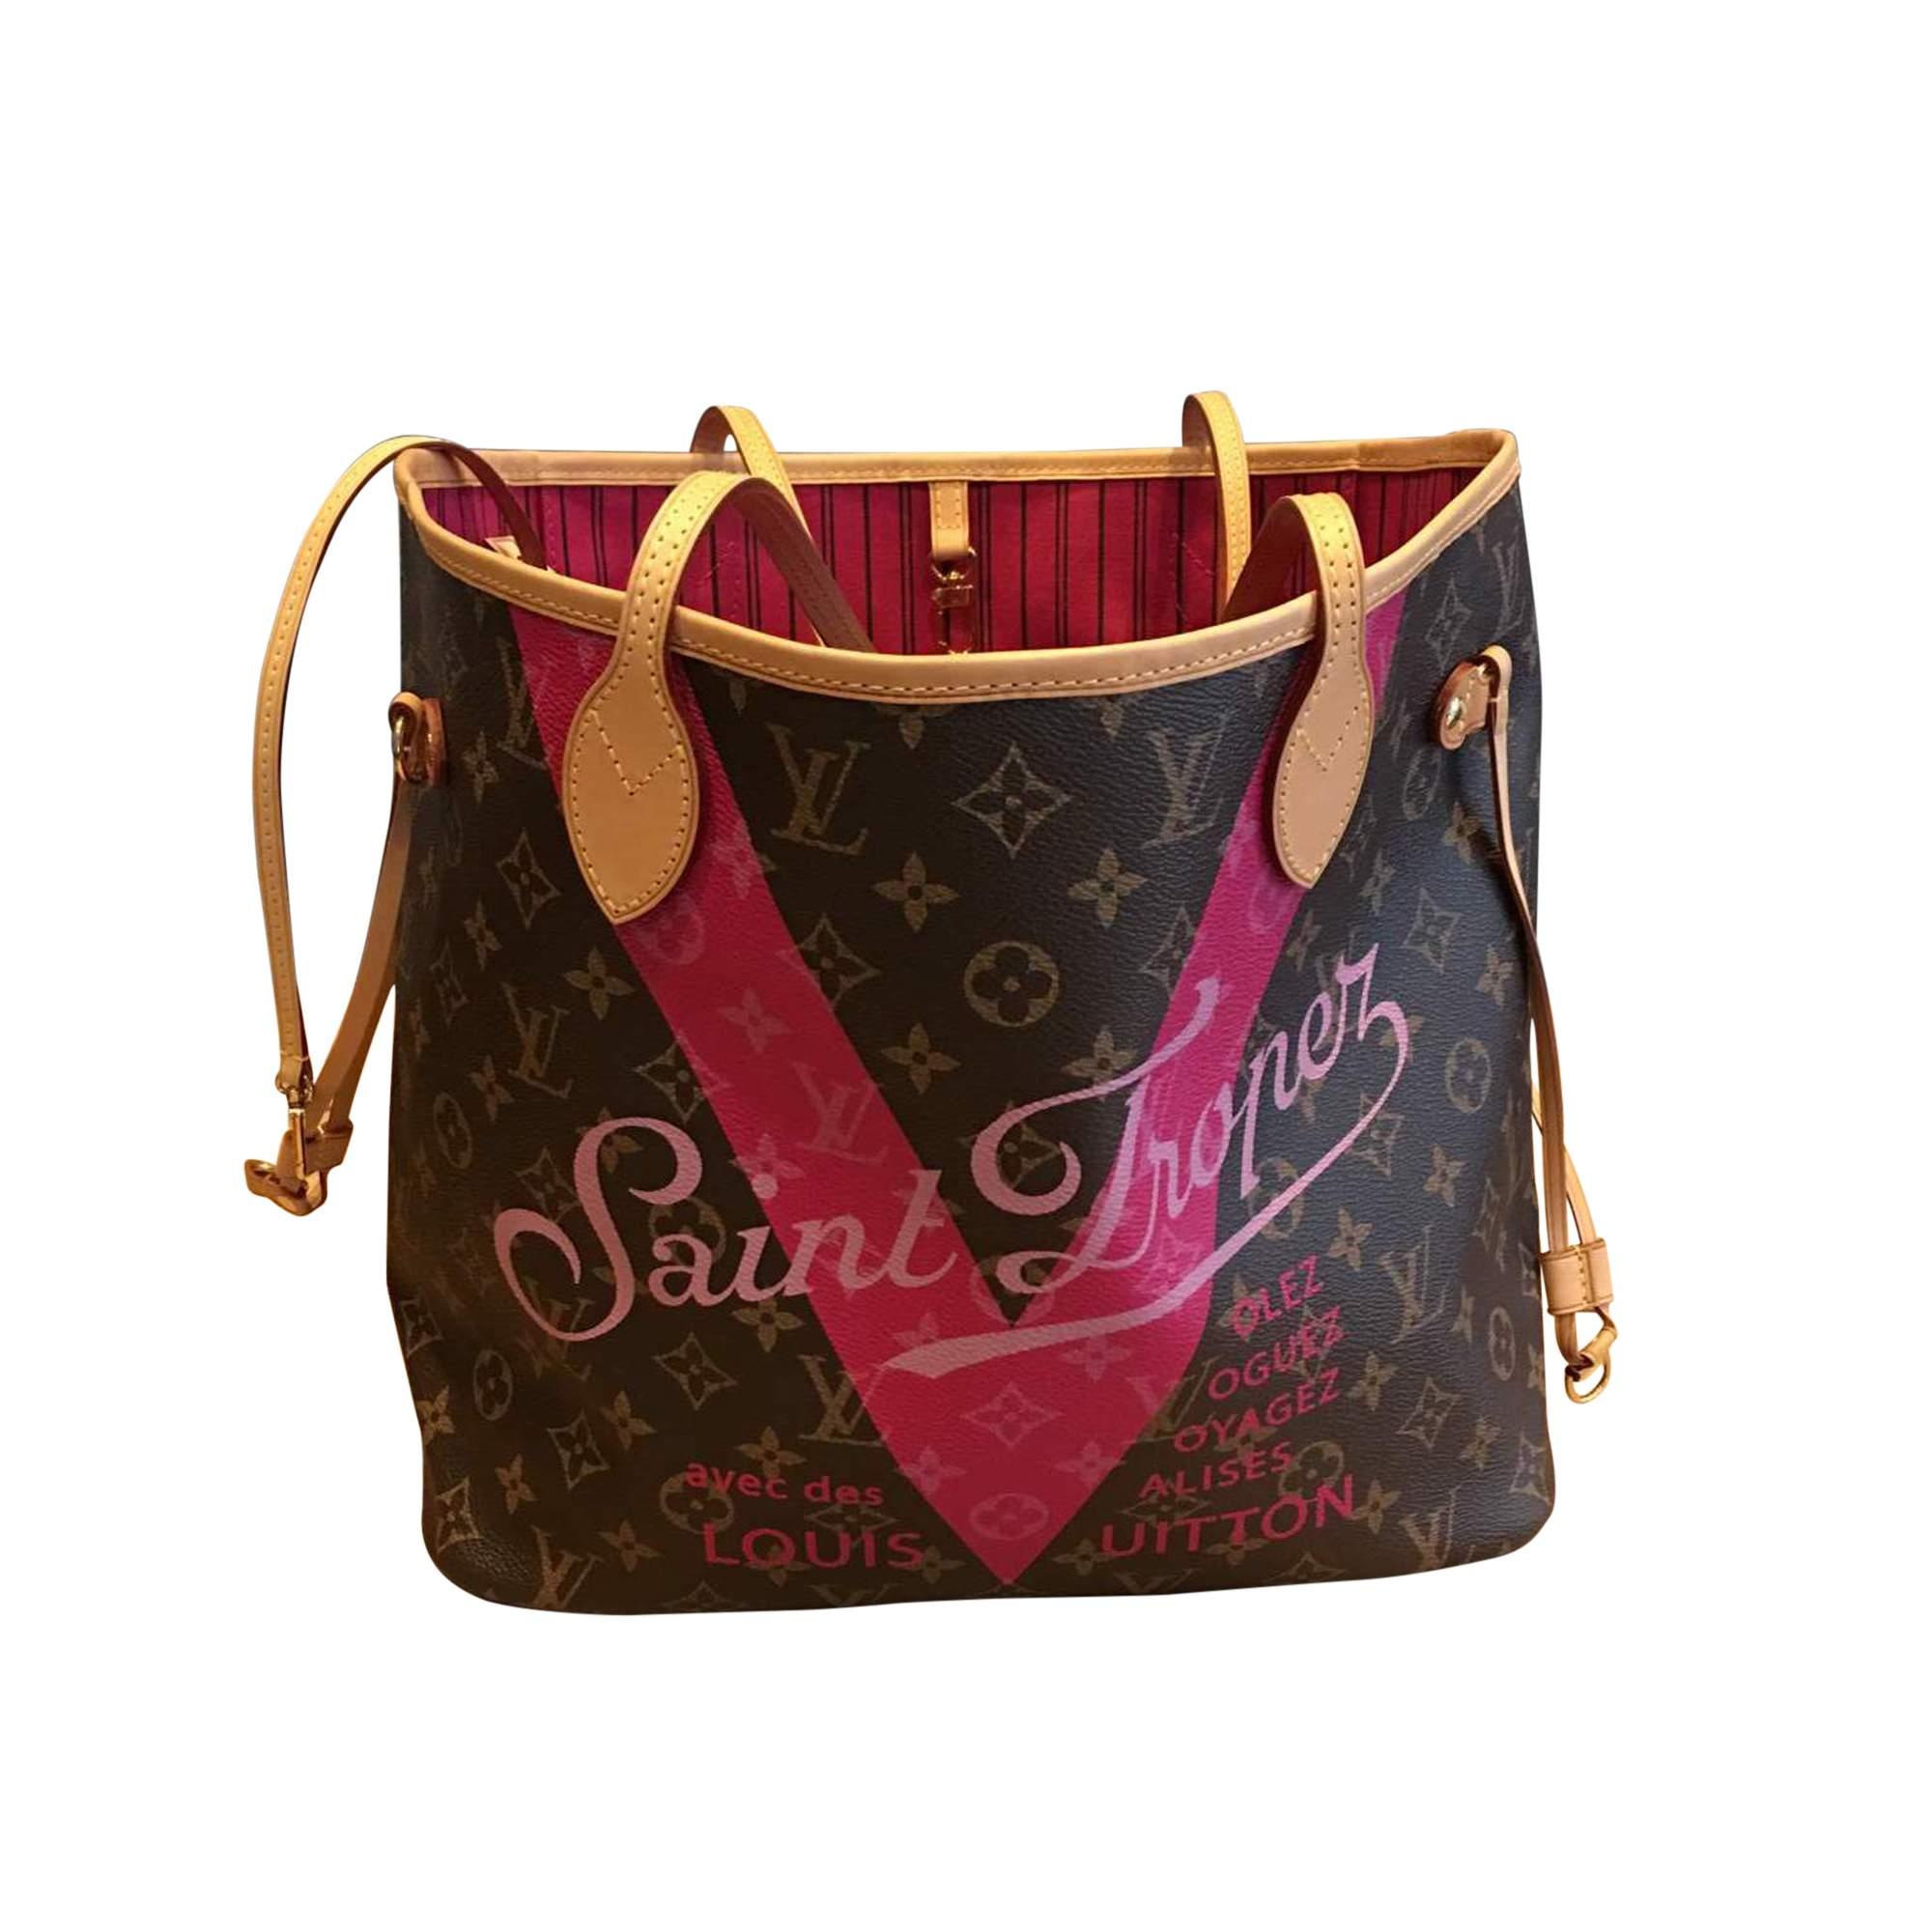 Louis Vuitton Neverfull Saint-Tropez   The Chic Selection 802336171ce